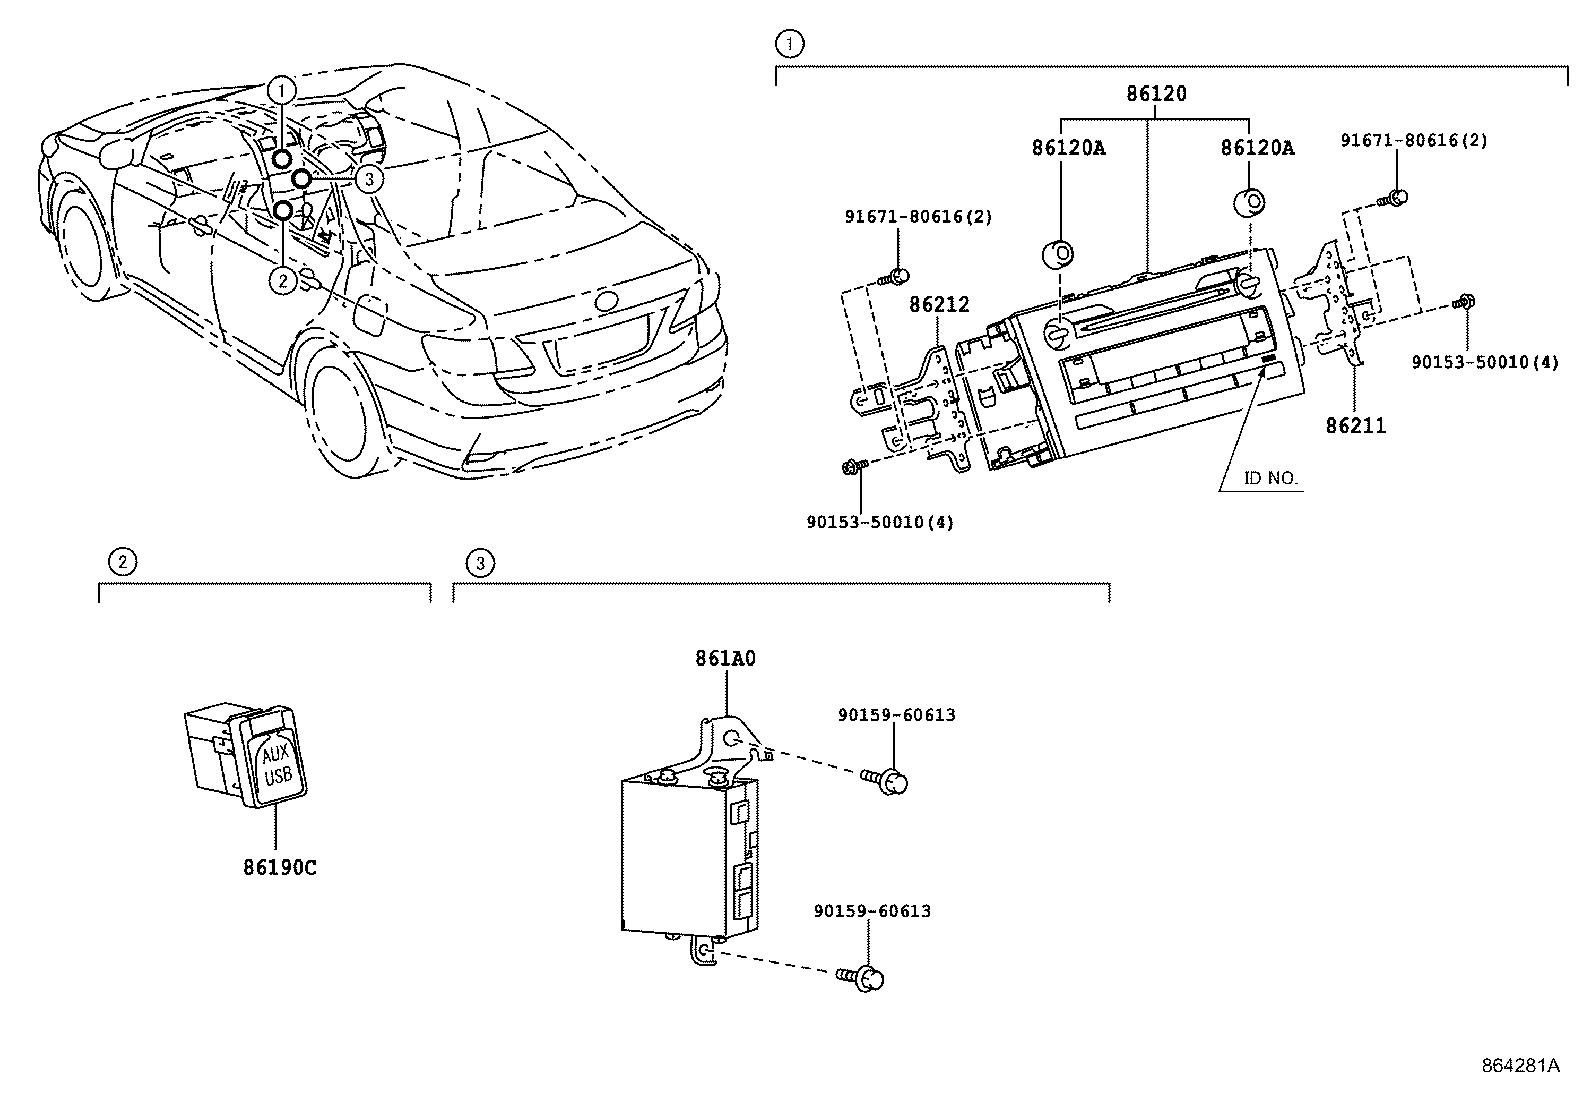 toyota aurisnre150l-defdk - electrical